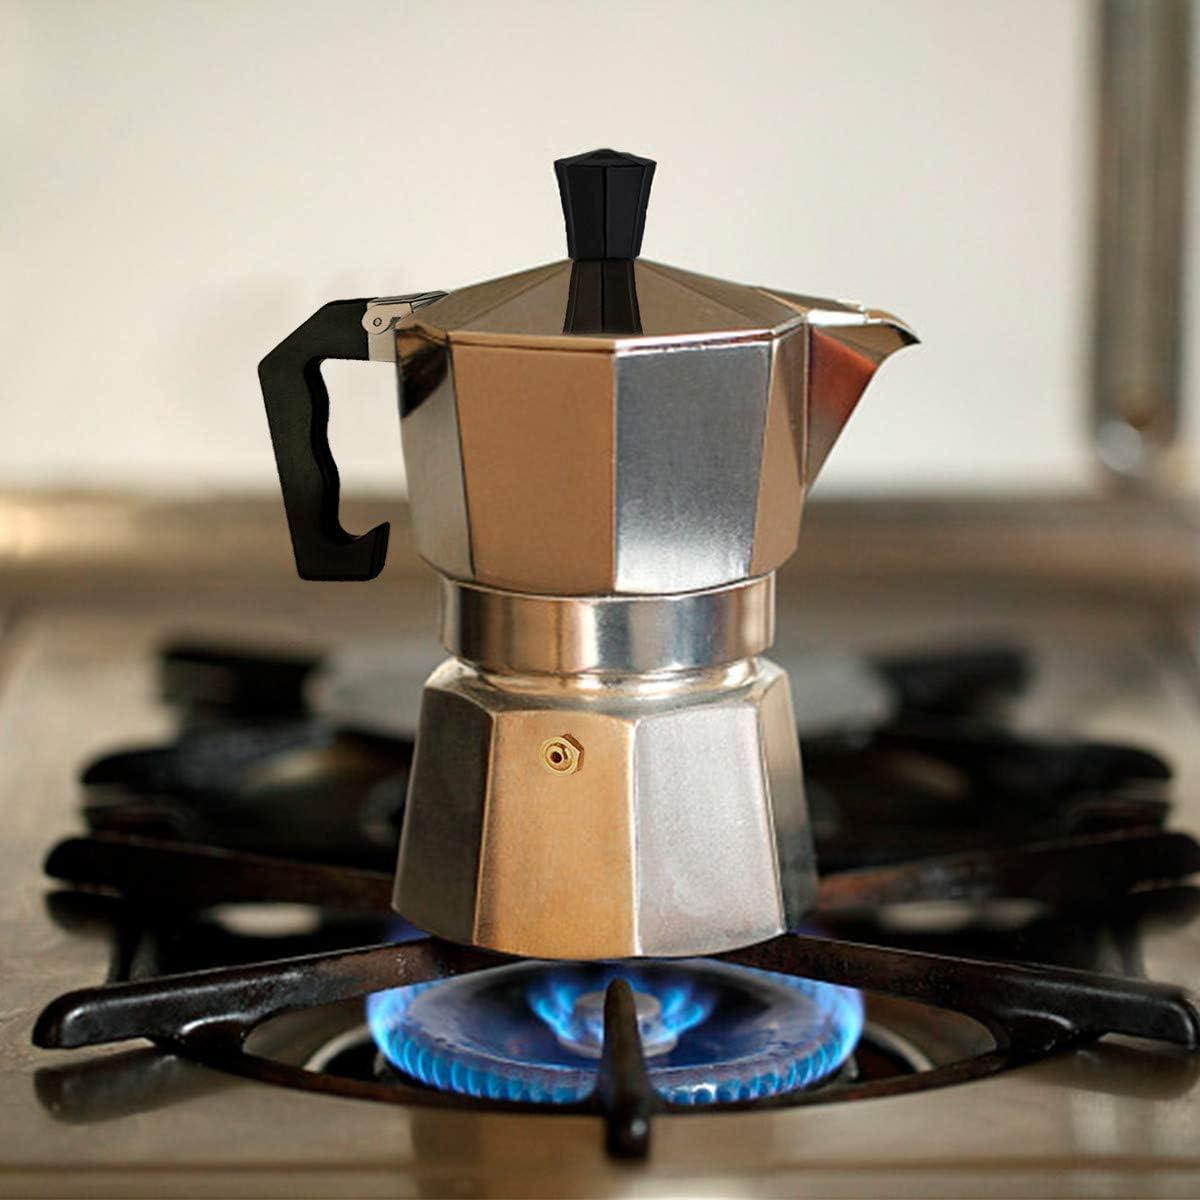 Cafetera Italiana de Aluminio, Capacidad para 6 Tazas: Amazon.es: Hogar